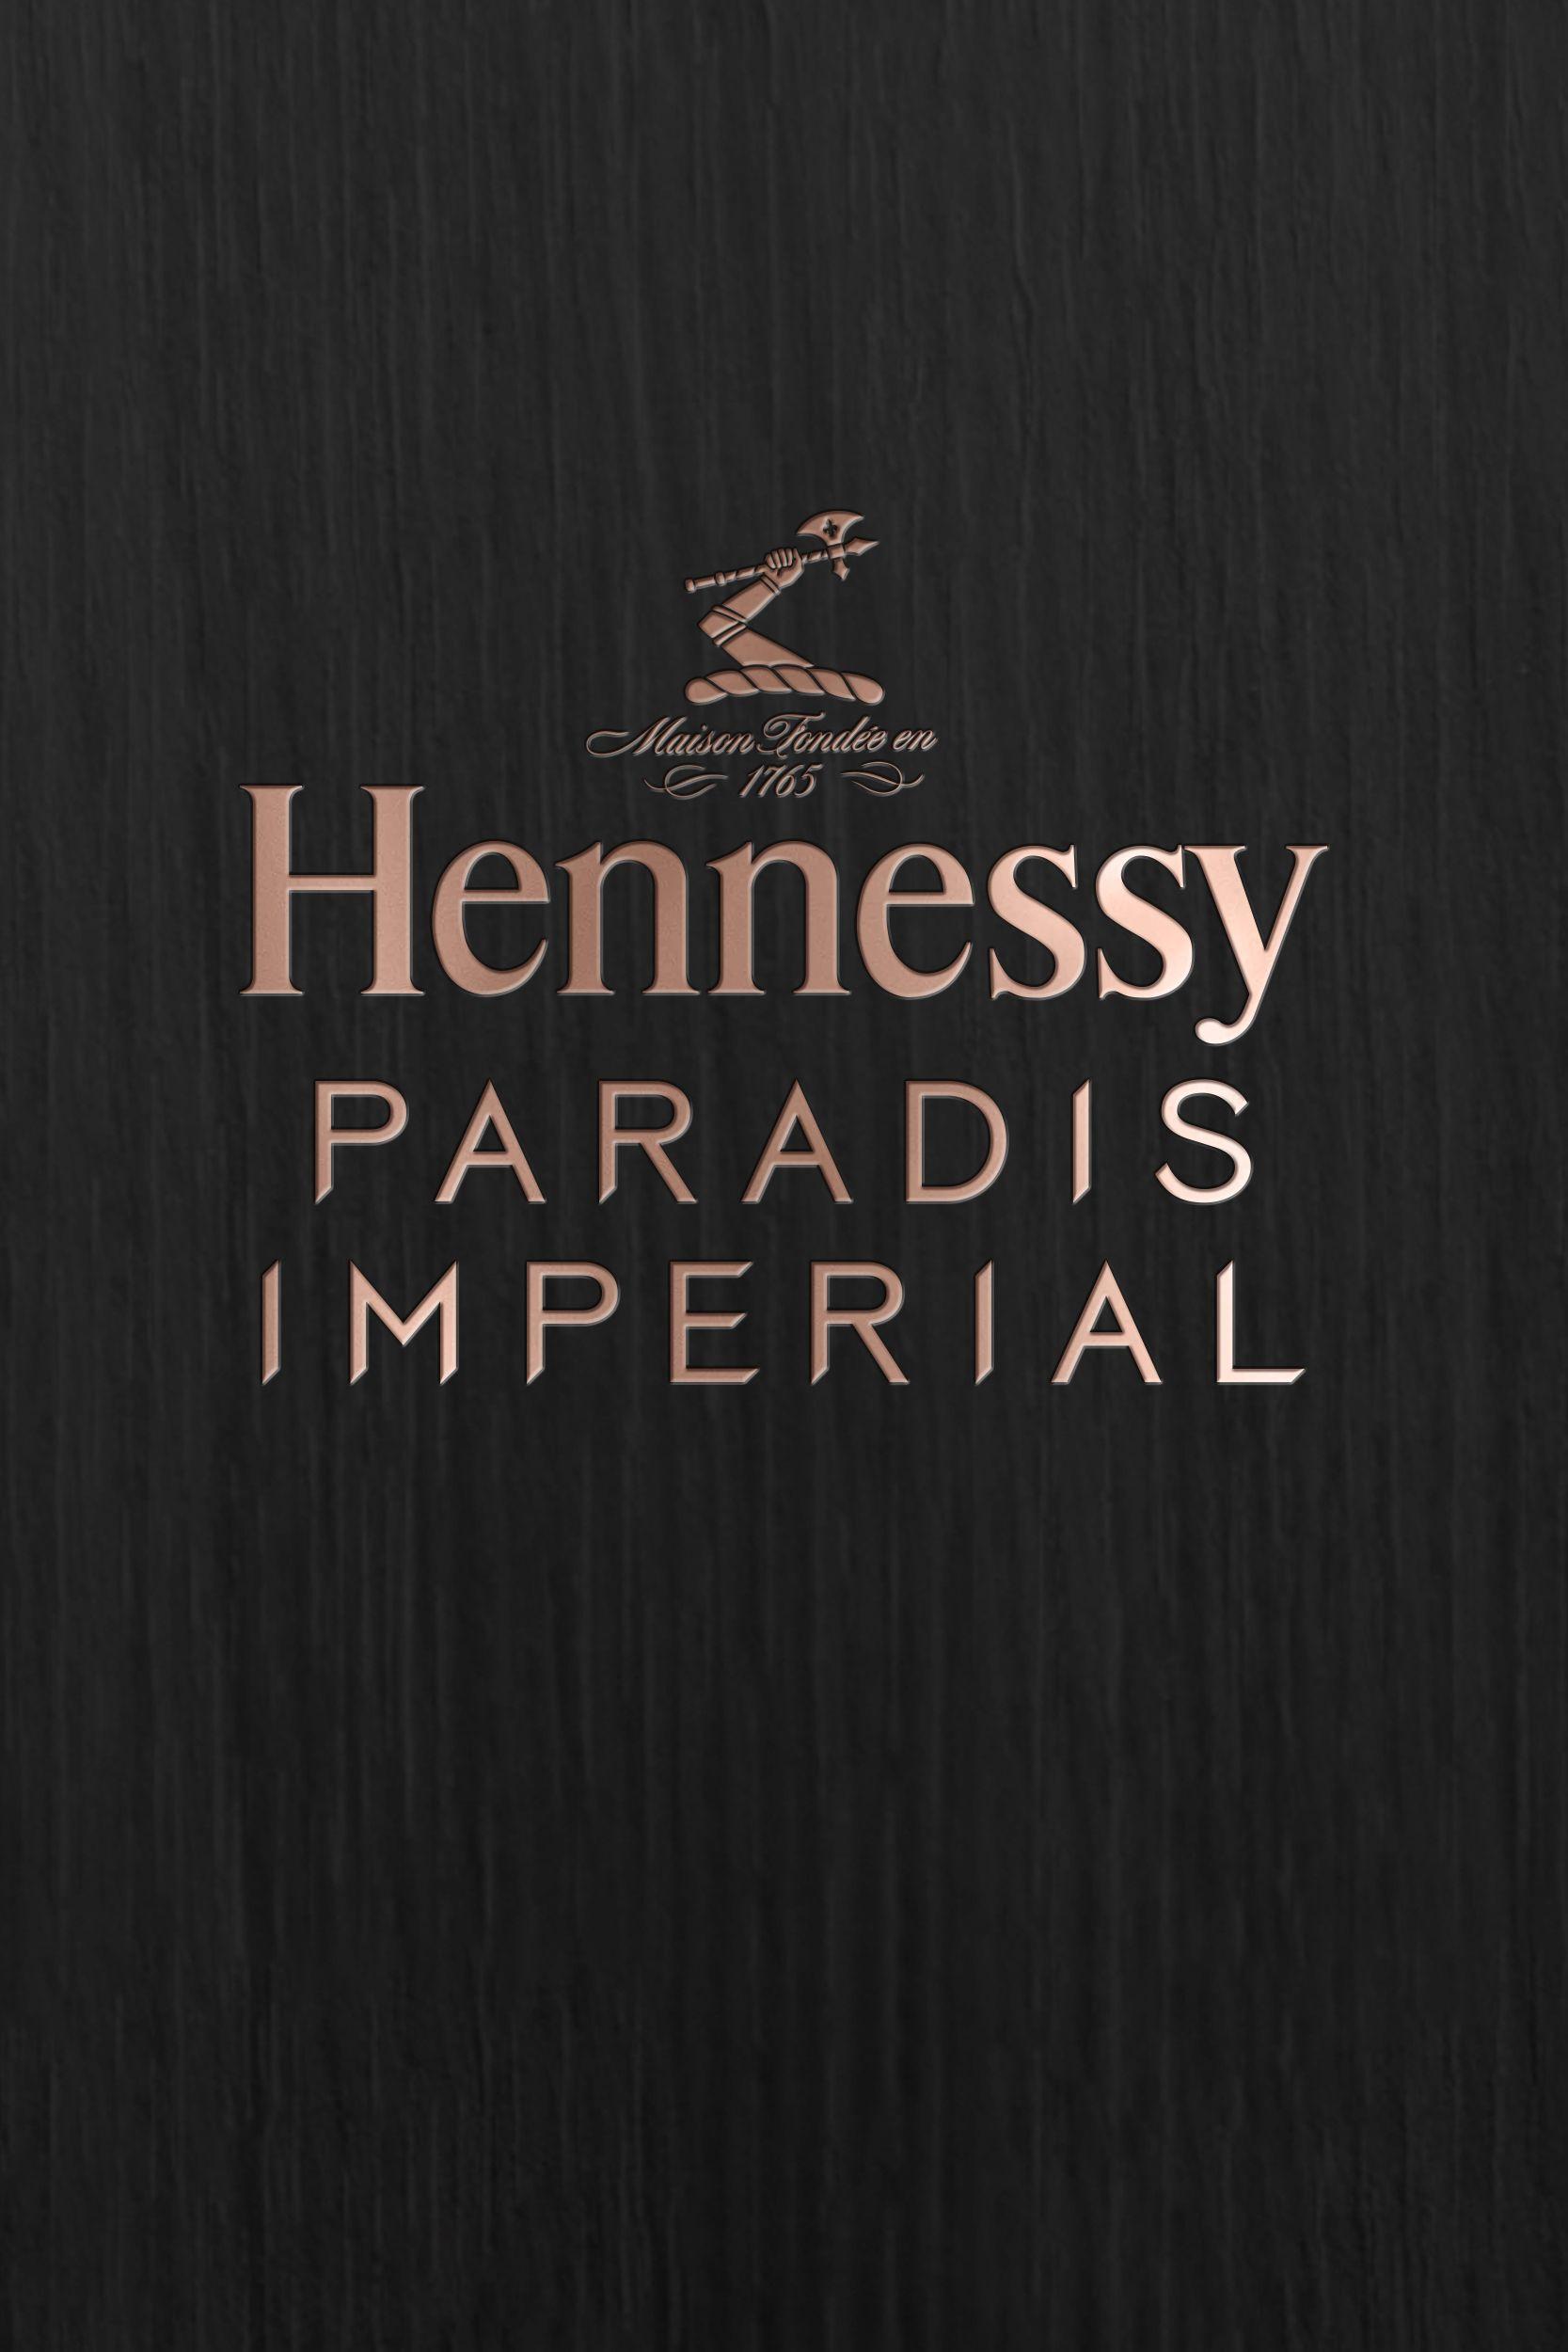 Hennessy Paradis Impérial logo design